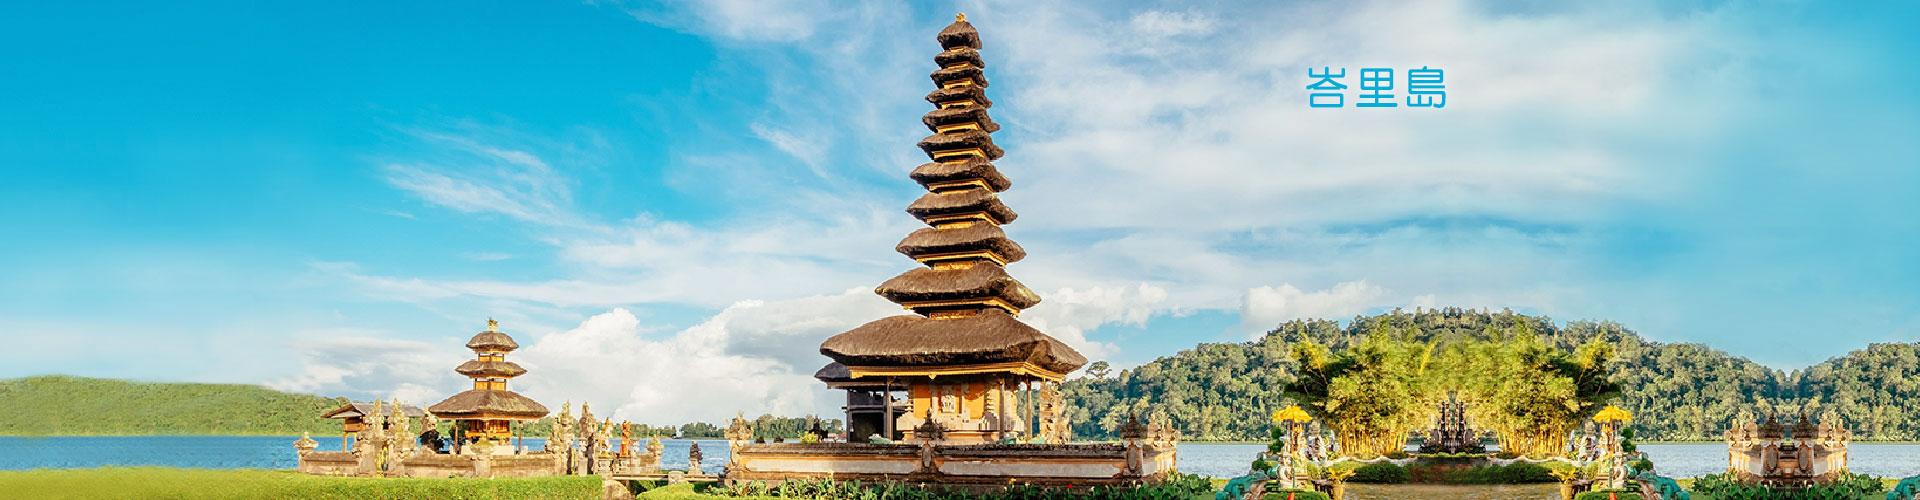 Bali_zh-hk.jpg